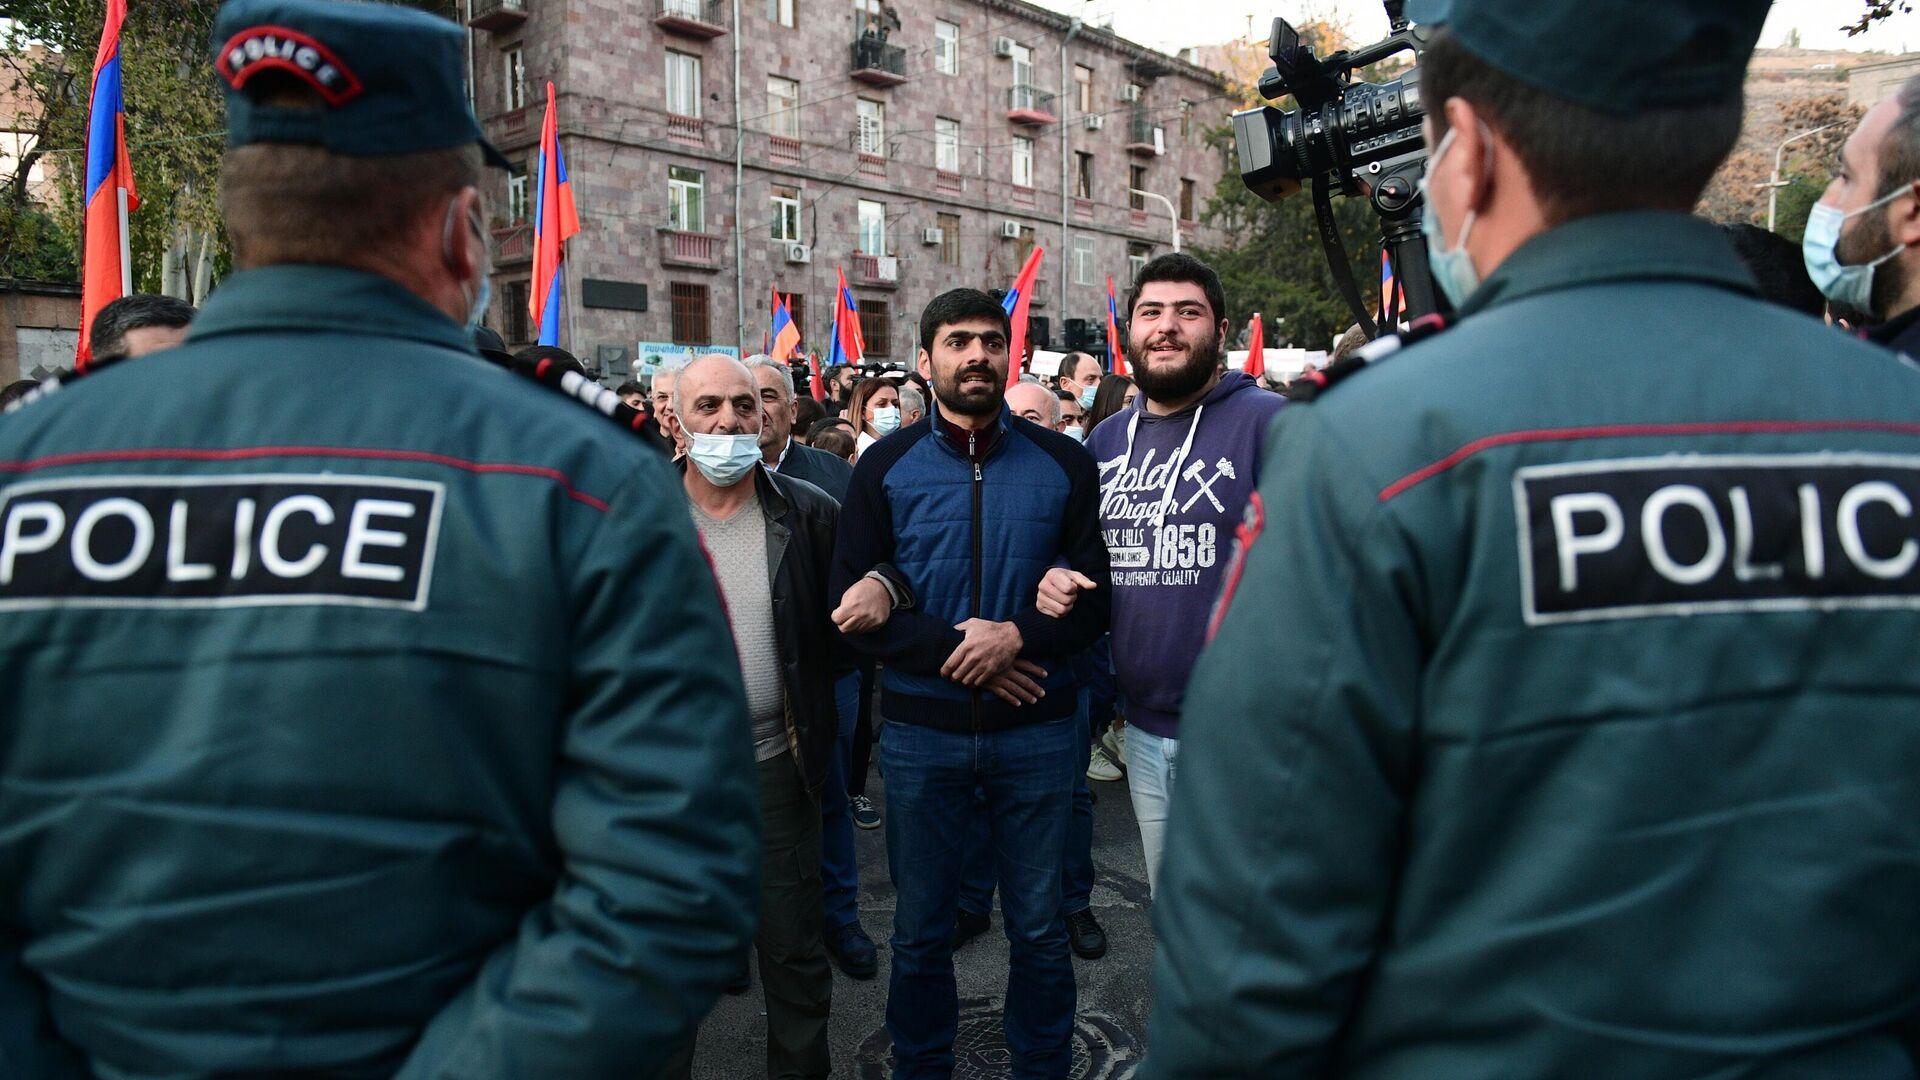 Сотрудники правоохранительных органов и участники митинга в Ереване - РИА Новости, 1920, 13.11.2020